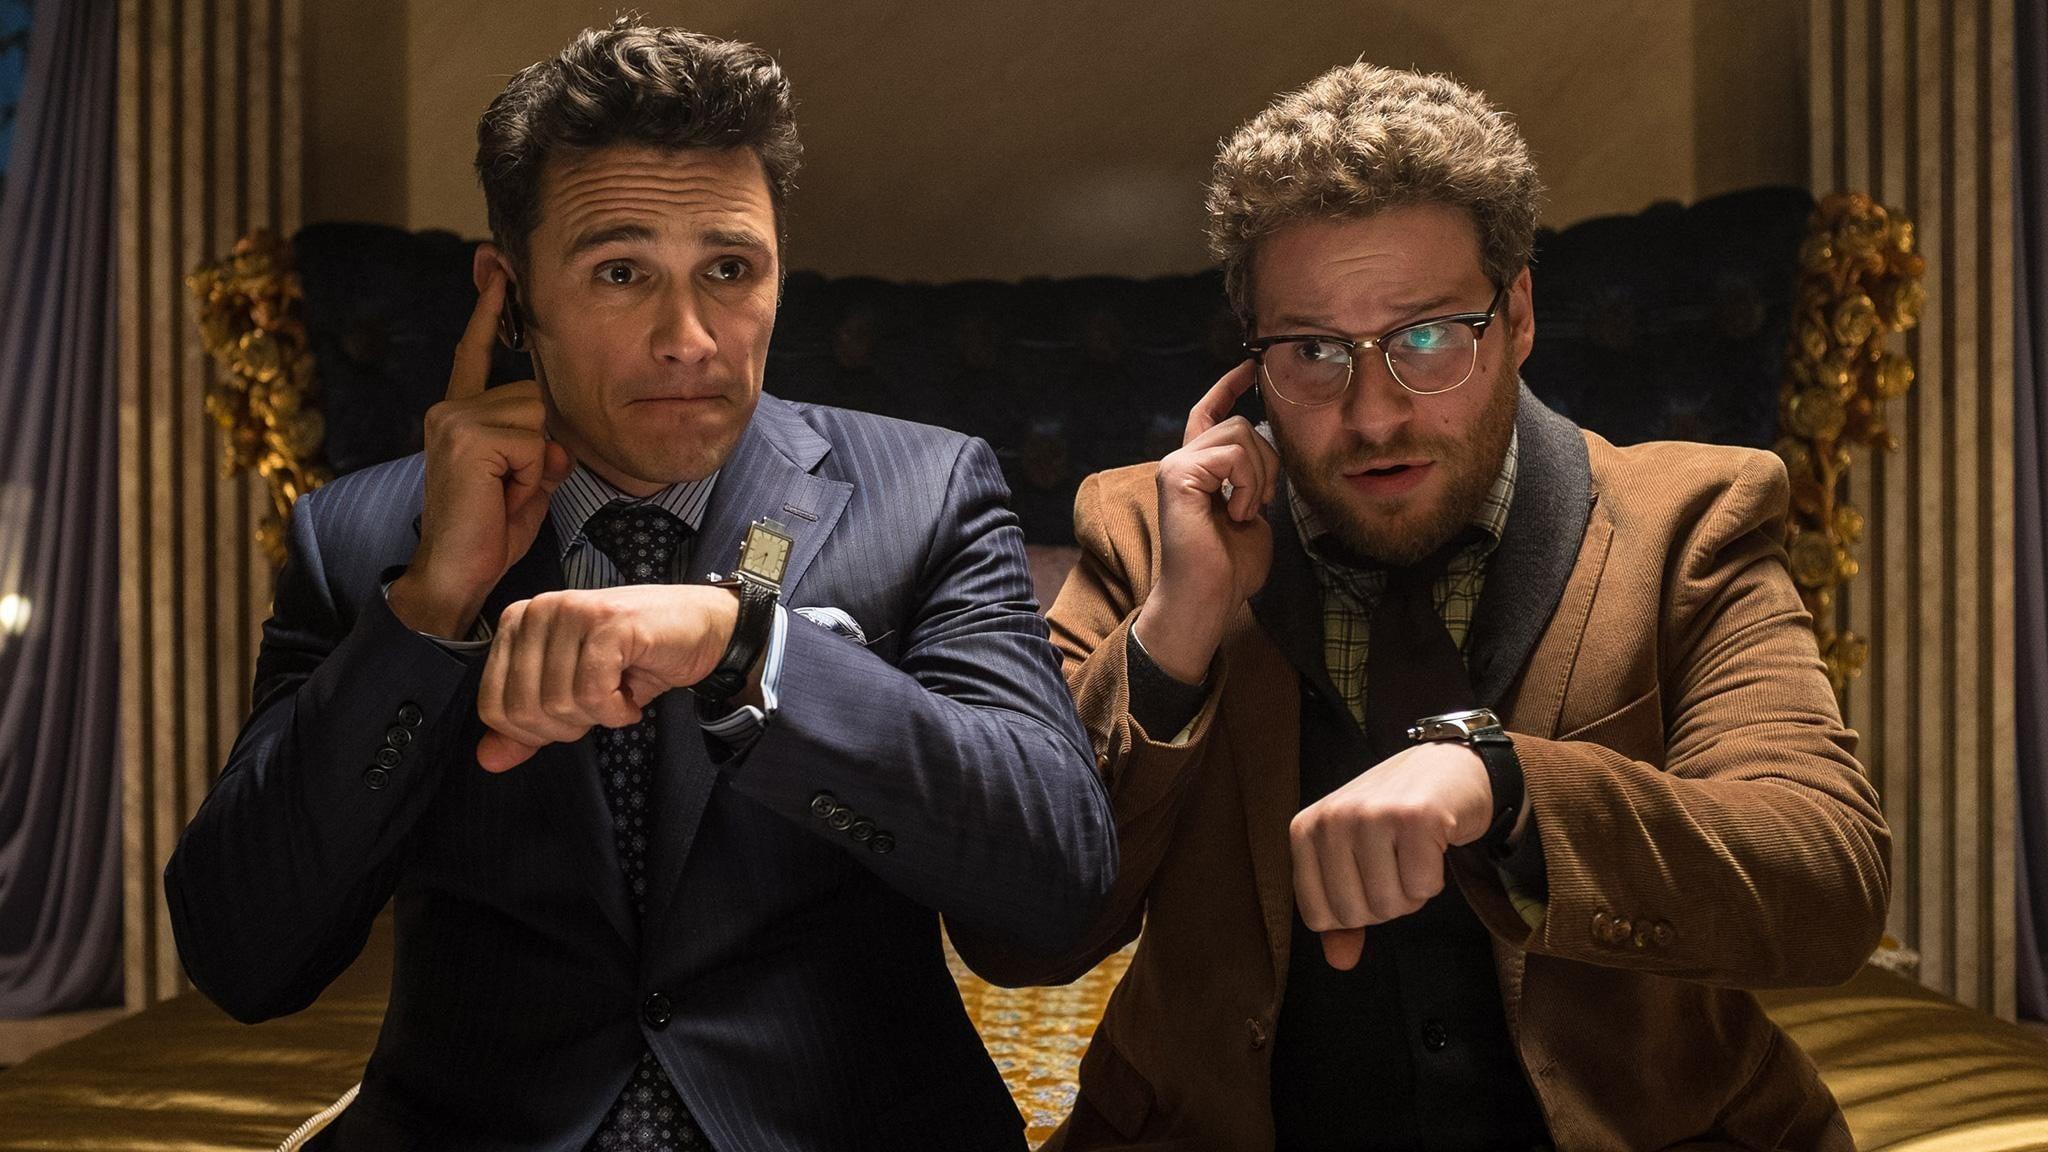 Seth Rogen disse recentemente que não tem planos de trabalhar com James Franco, depois deste ter sido acusado de assédio sexual.